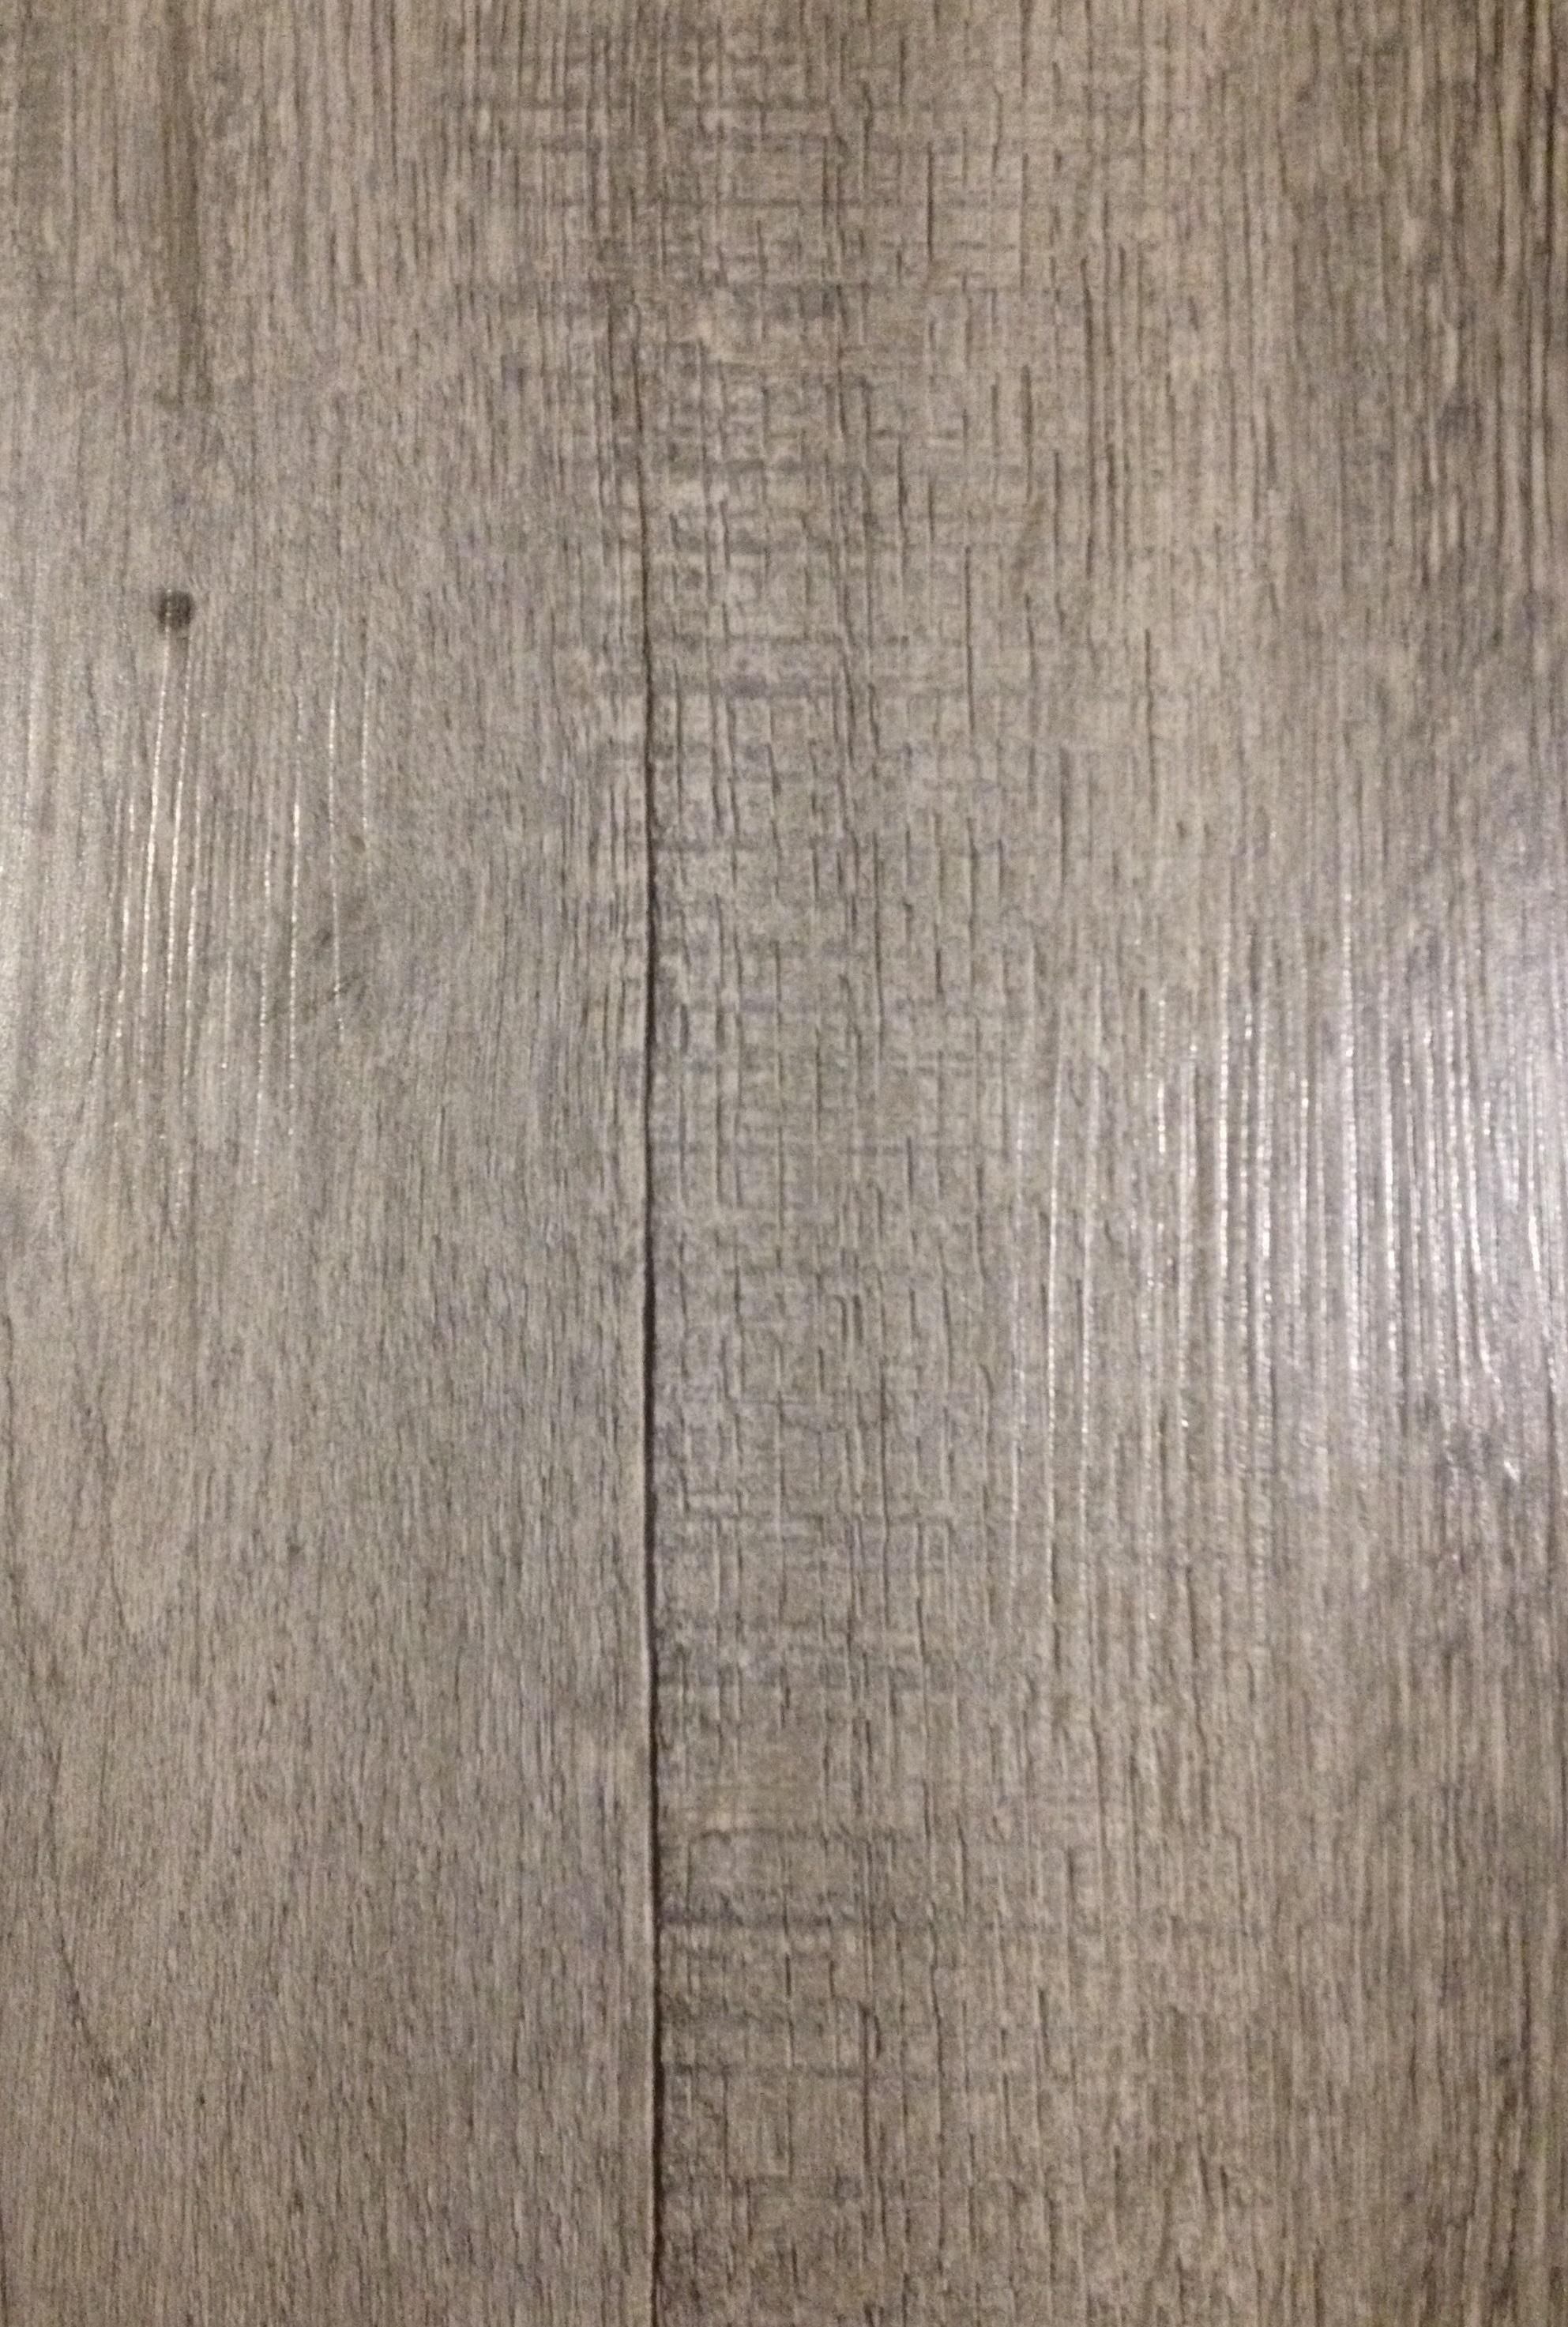 Shaw-P-Grey Oak